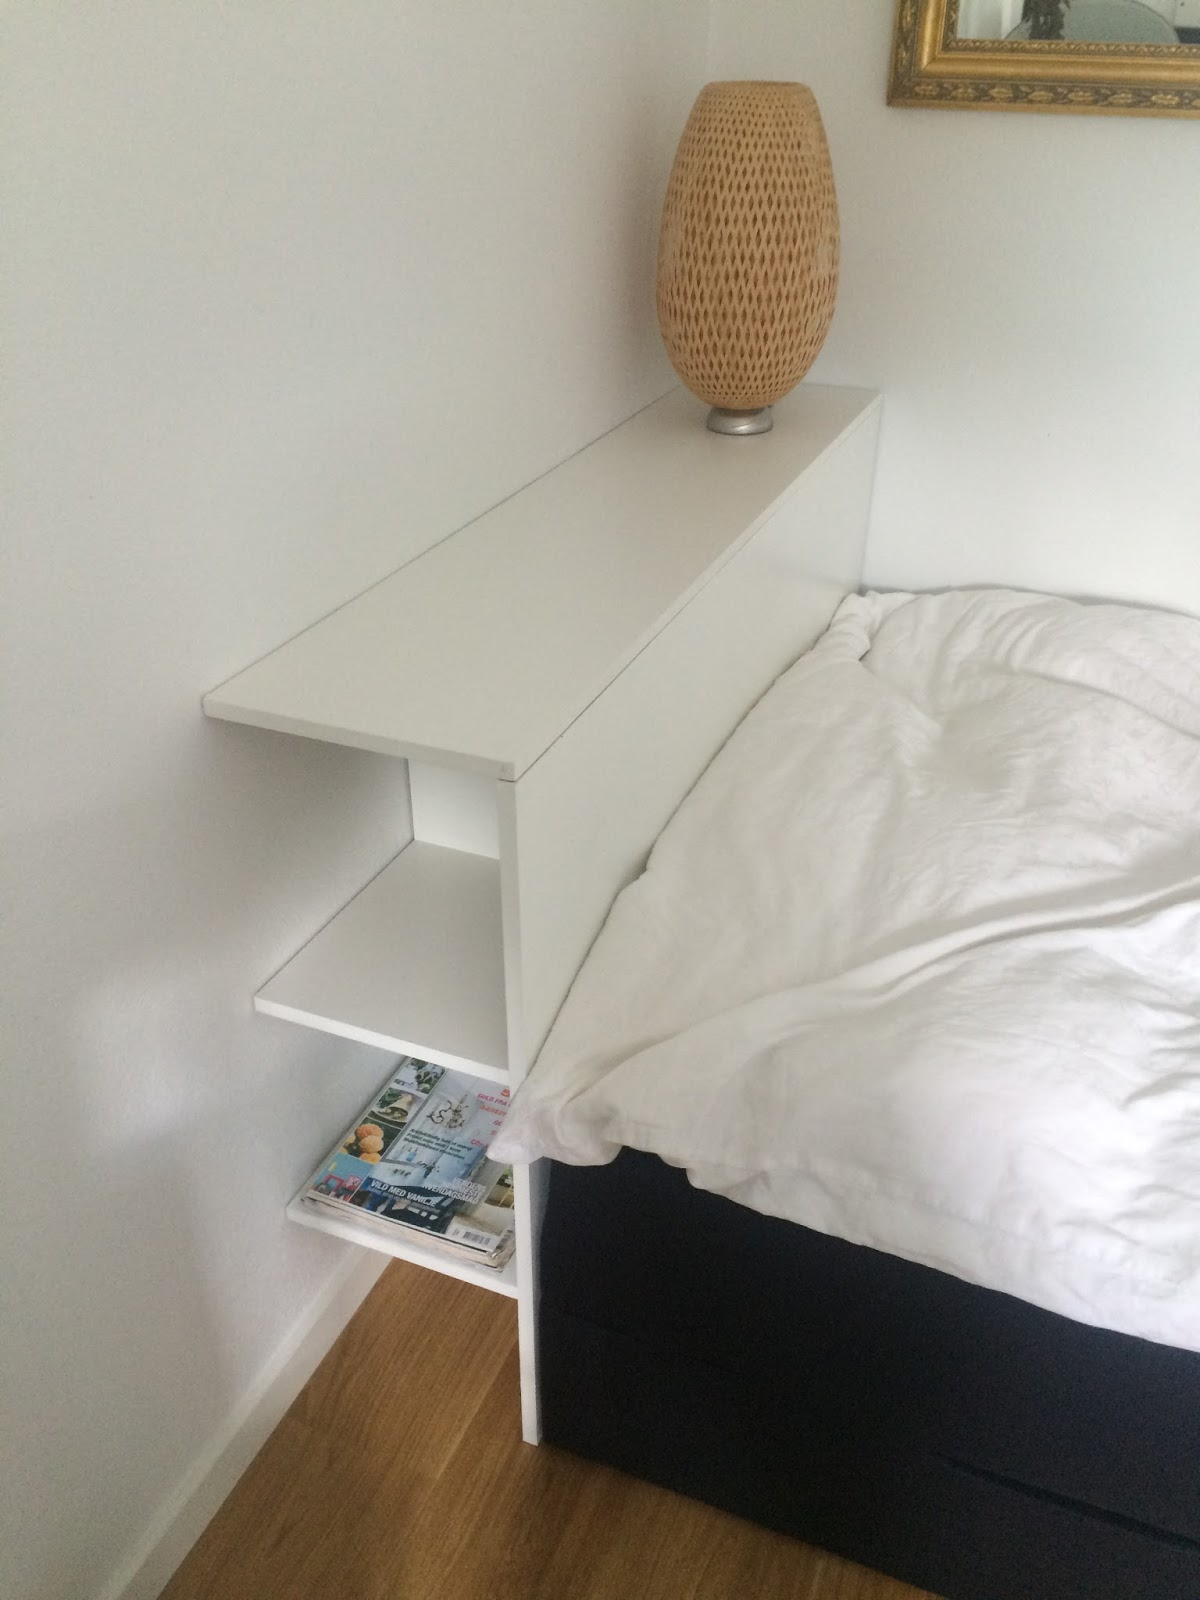 sengegavl med opbevaring Book en handywoman: Kombineret sengebord og  gavl med opbevaring sengegavl med opbevaring